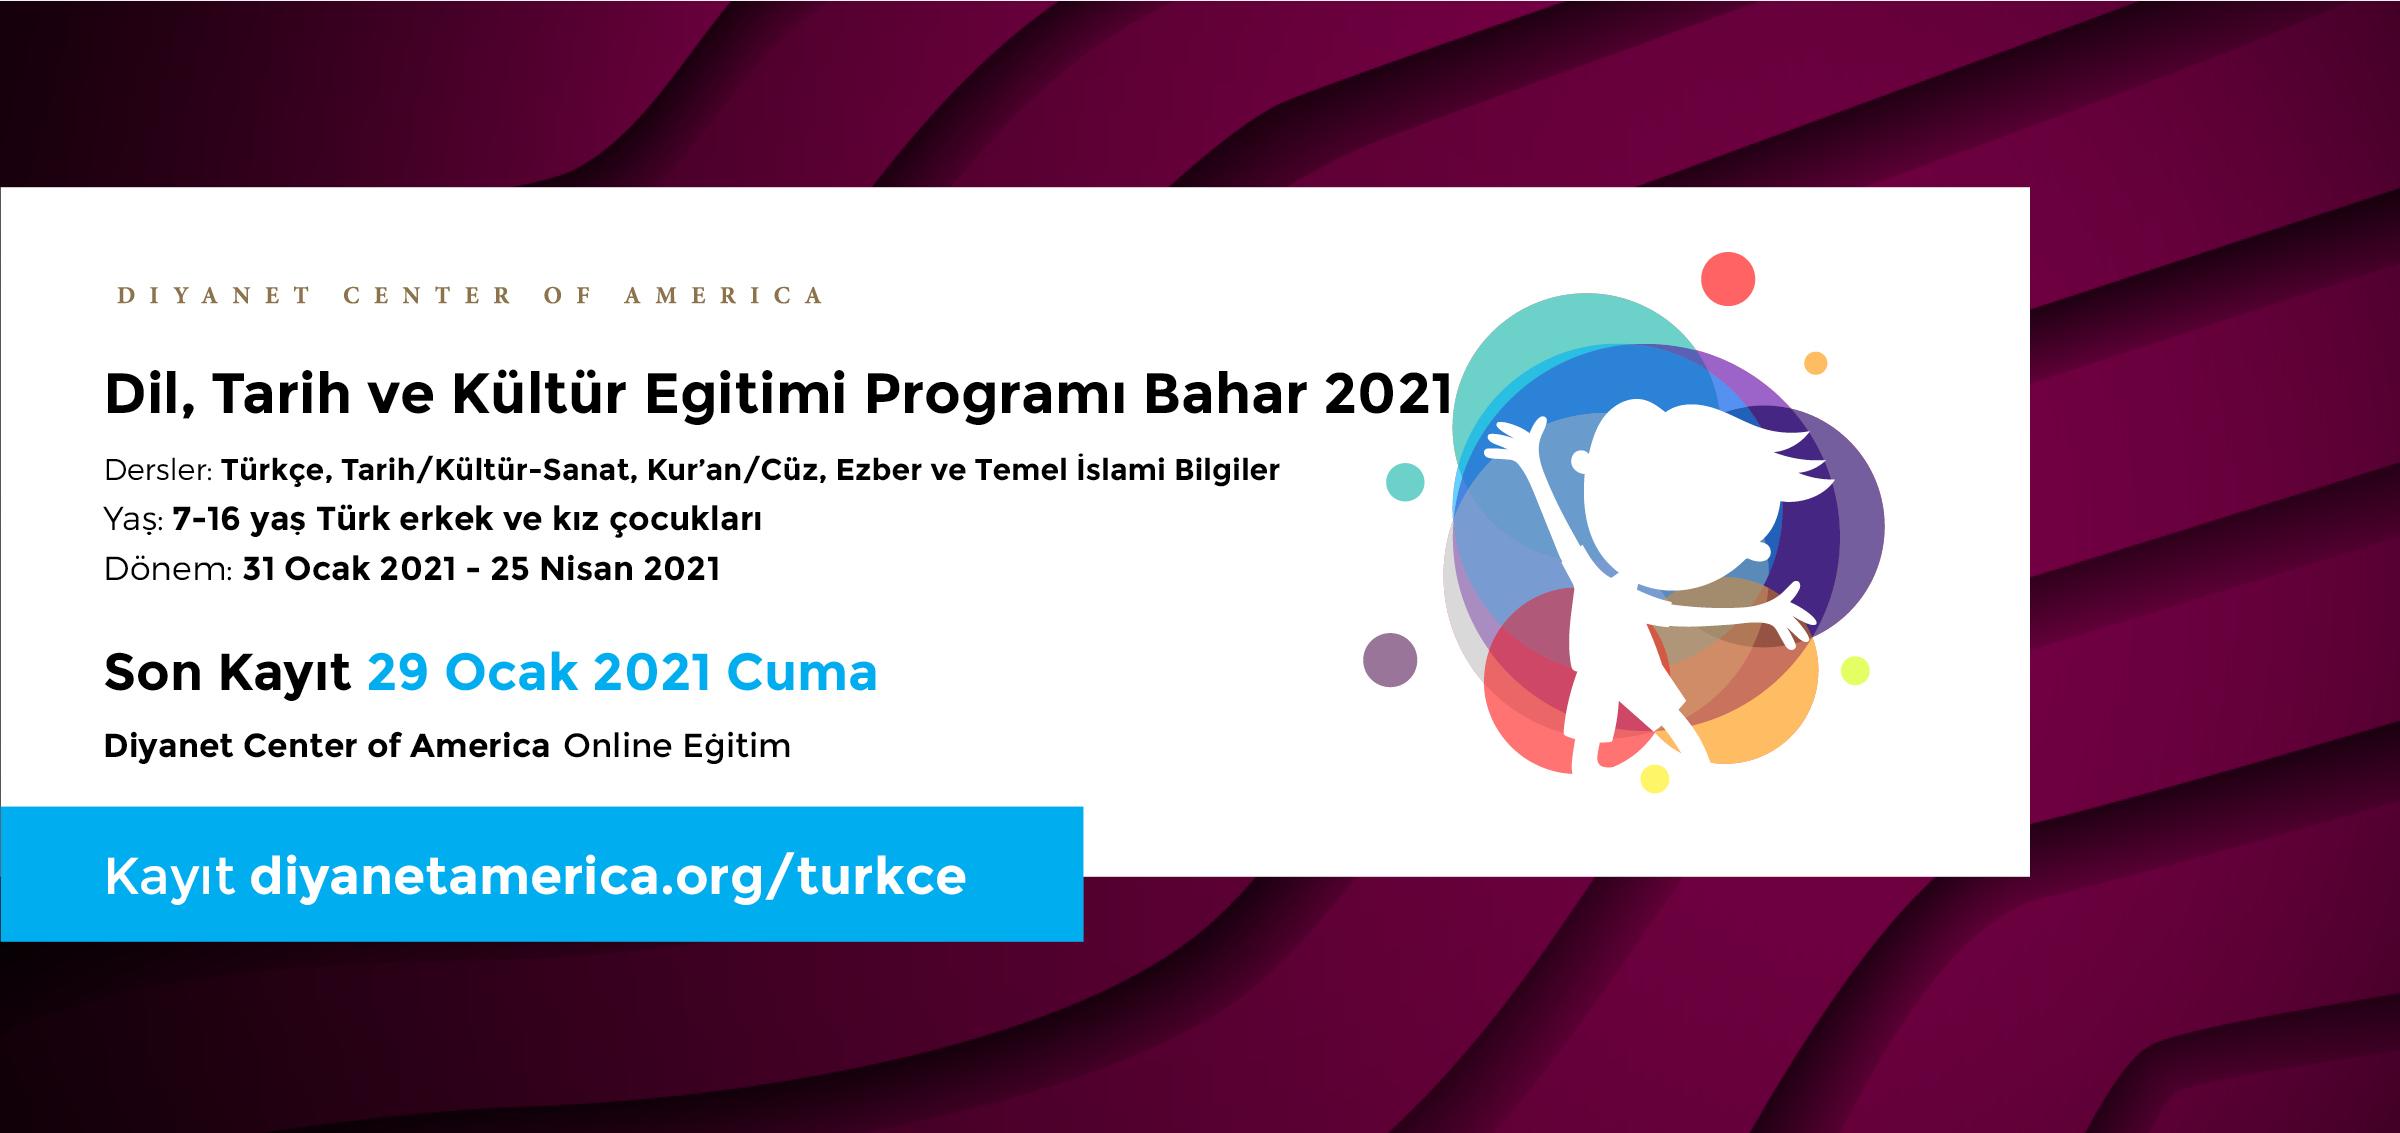 DCA Dil, Tarih ve Kültür Eğitimi Programı Bahar 2021